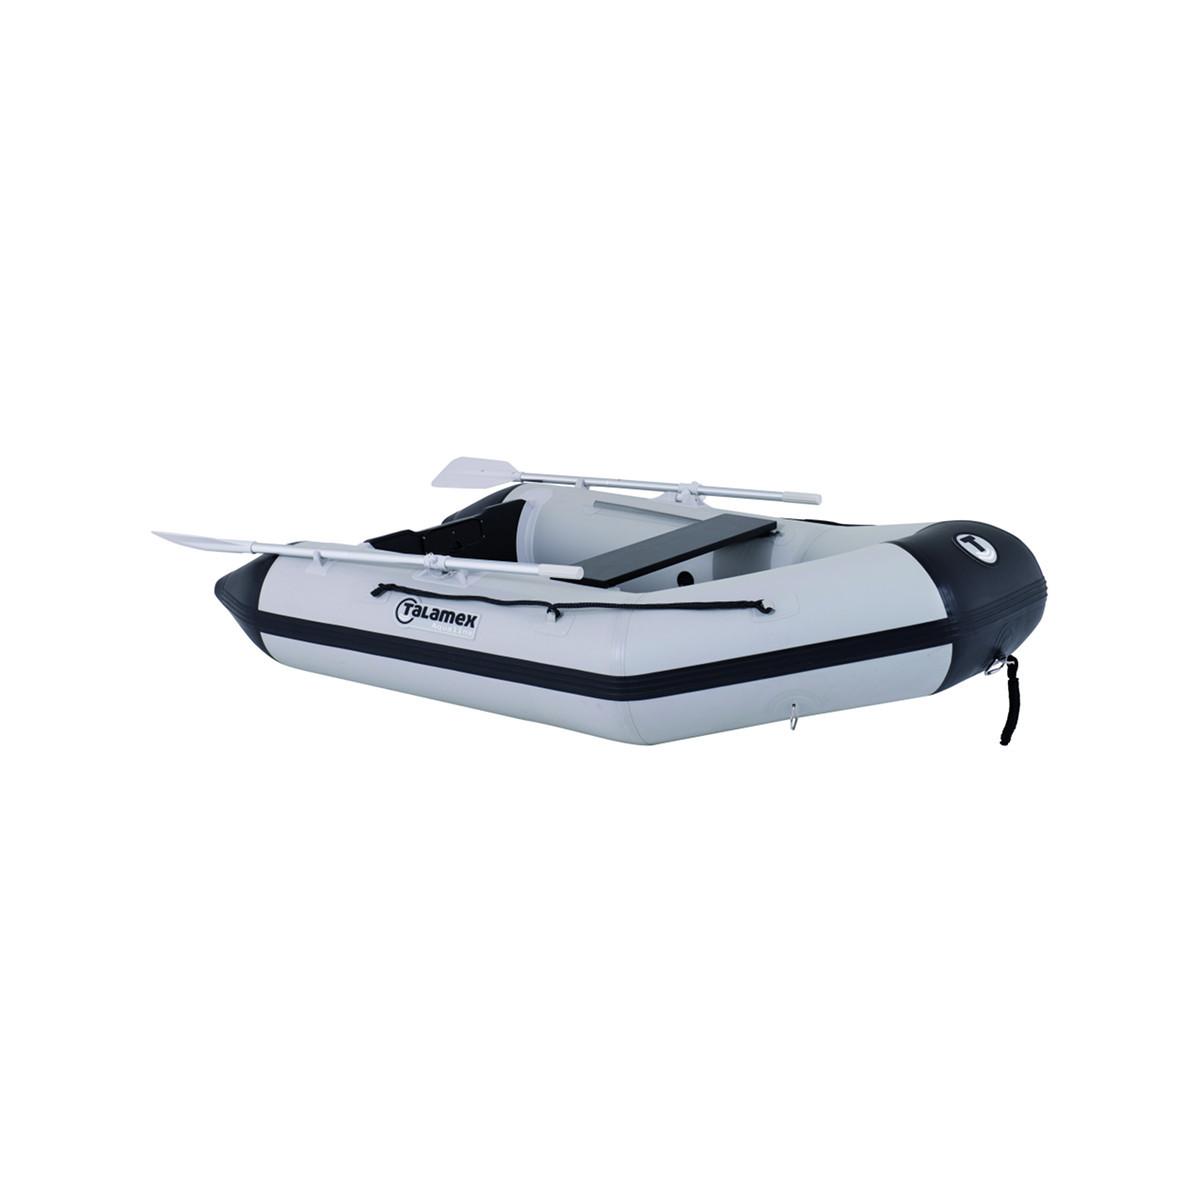 Talamex Aqualine QLX300 opblaasbare rubberboot QLX300 met aluminium bodem, lengte 3,00m, grijs